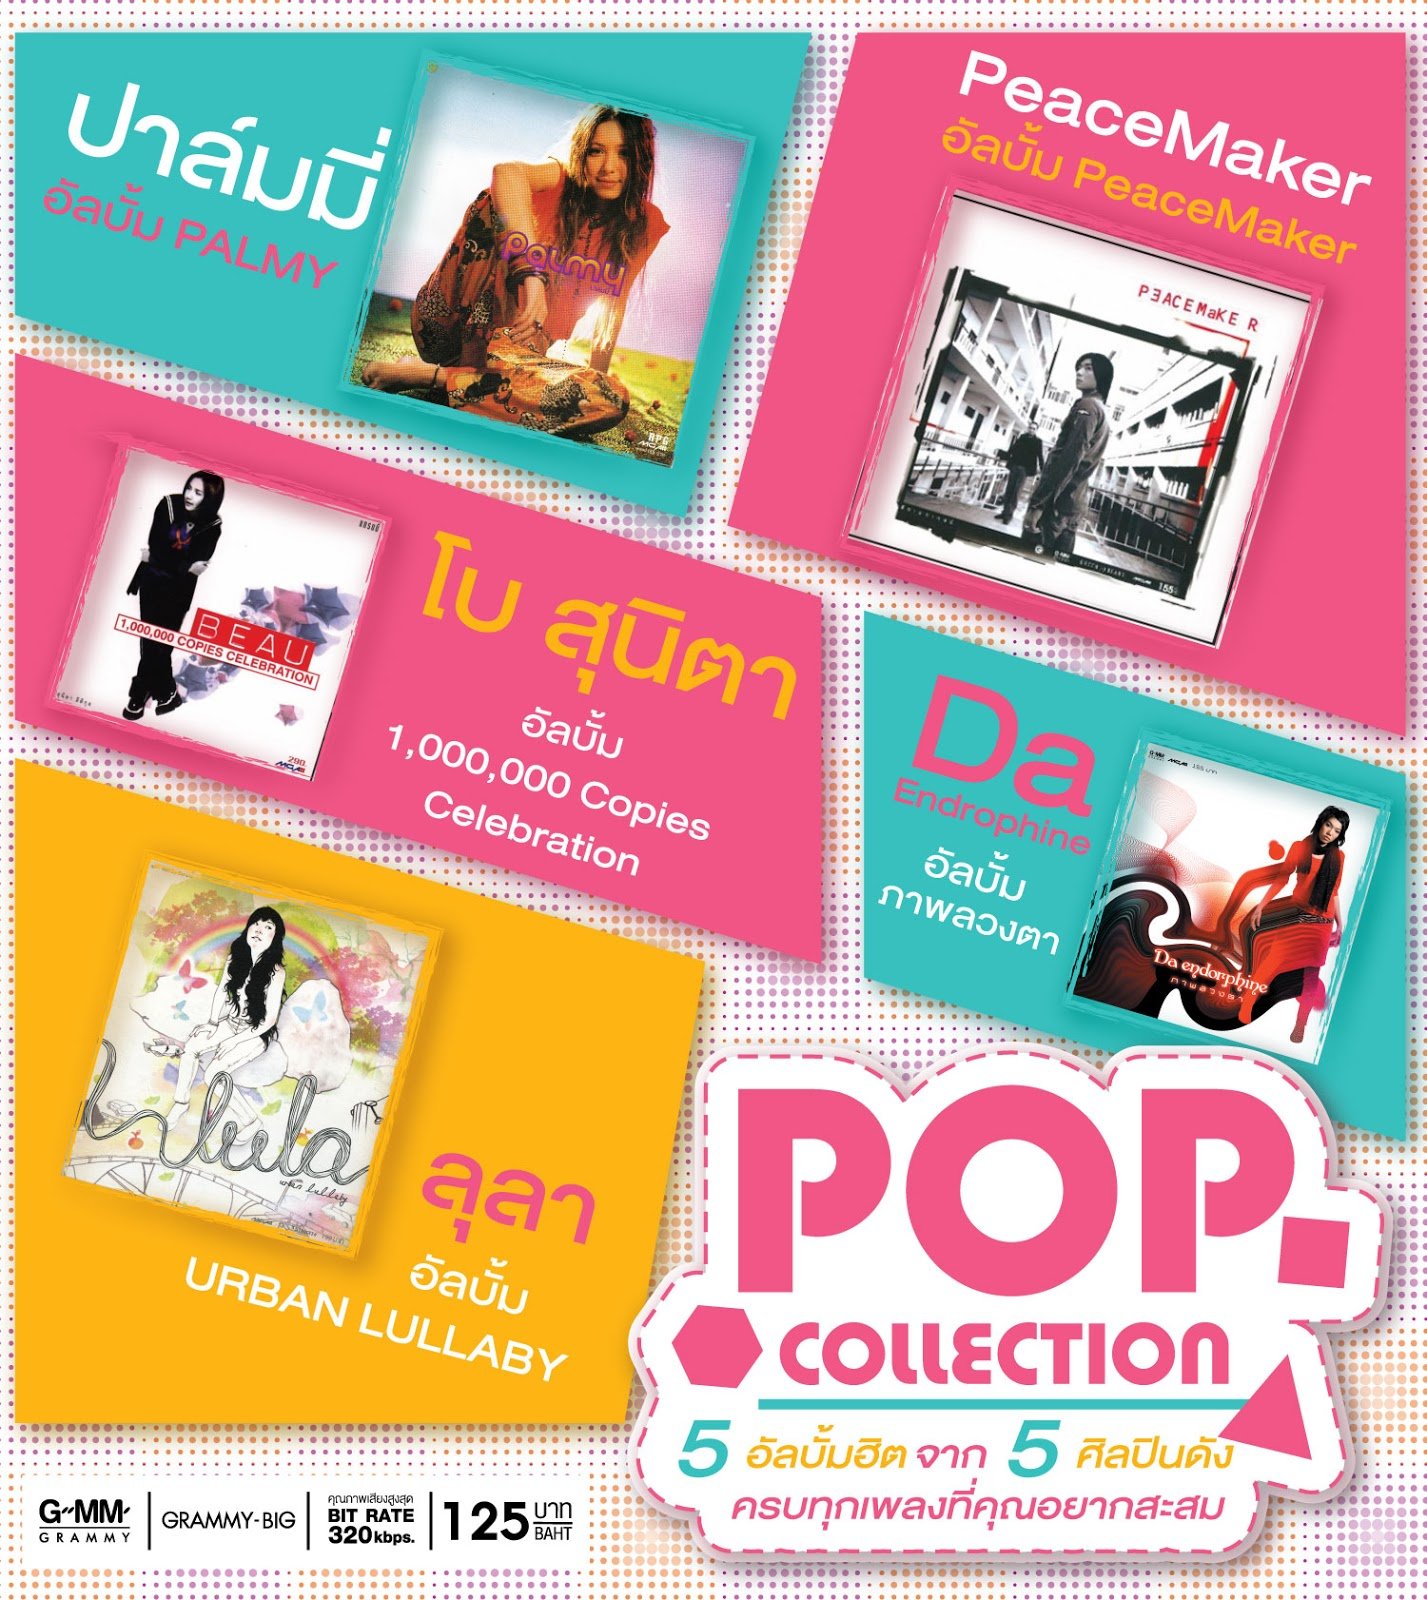 Download [Mp3]-[Hit Songs] 5 อัลบั้มฮิต จาก 5 ศิลปินดังครบทุกเพลงที่คุณอยากสะสมใน GMM POP COLLECTION 4shared By Pleng-mun.com